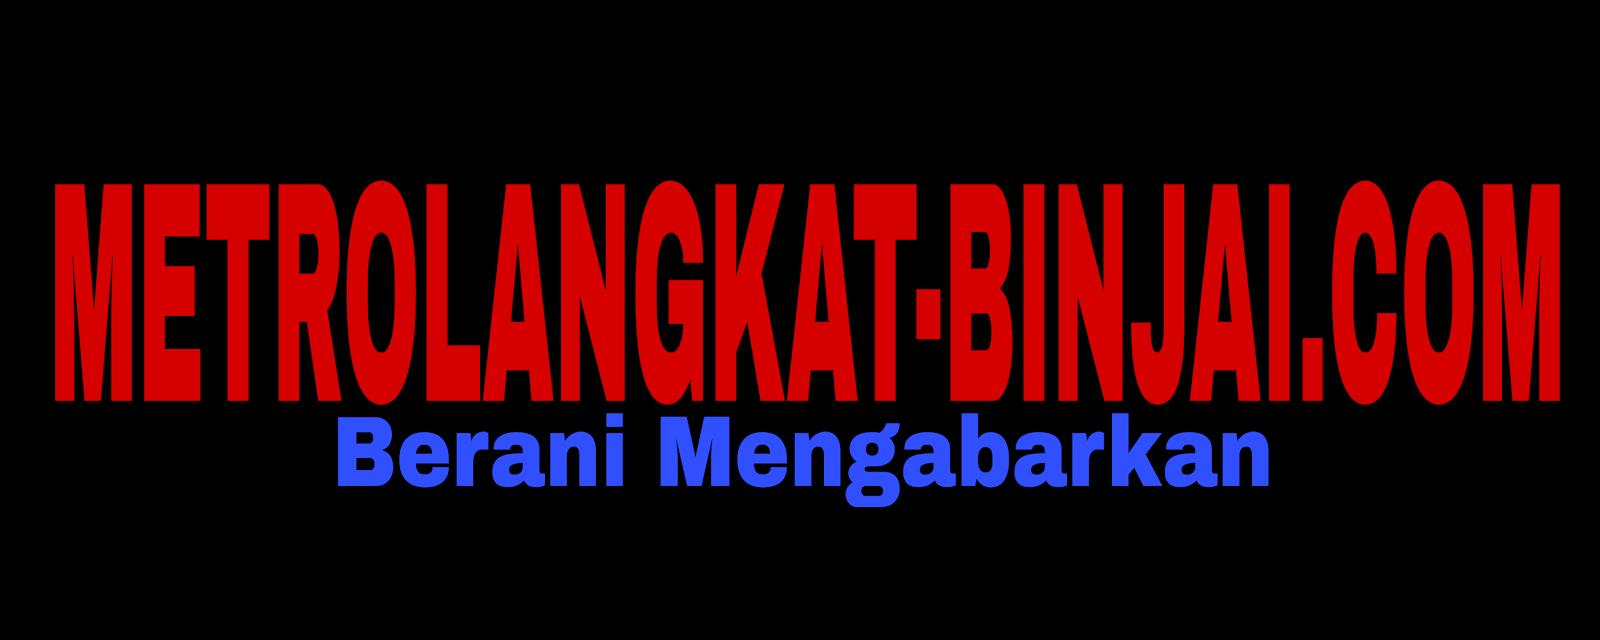 MetroLangkat-binjai.com